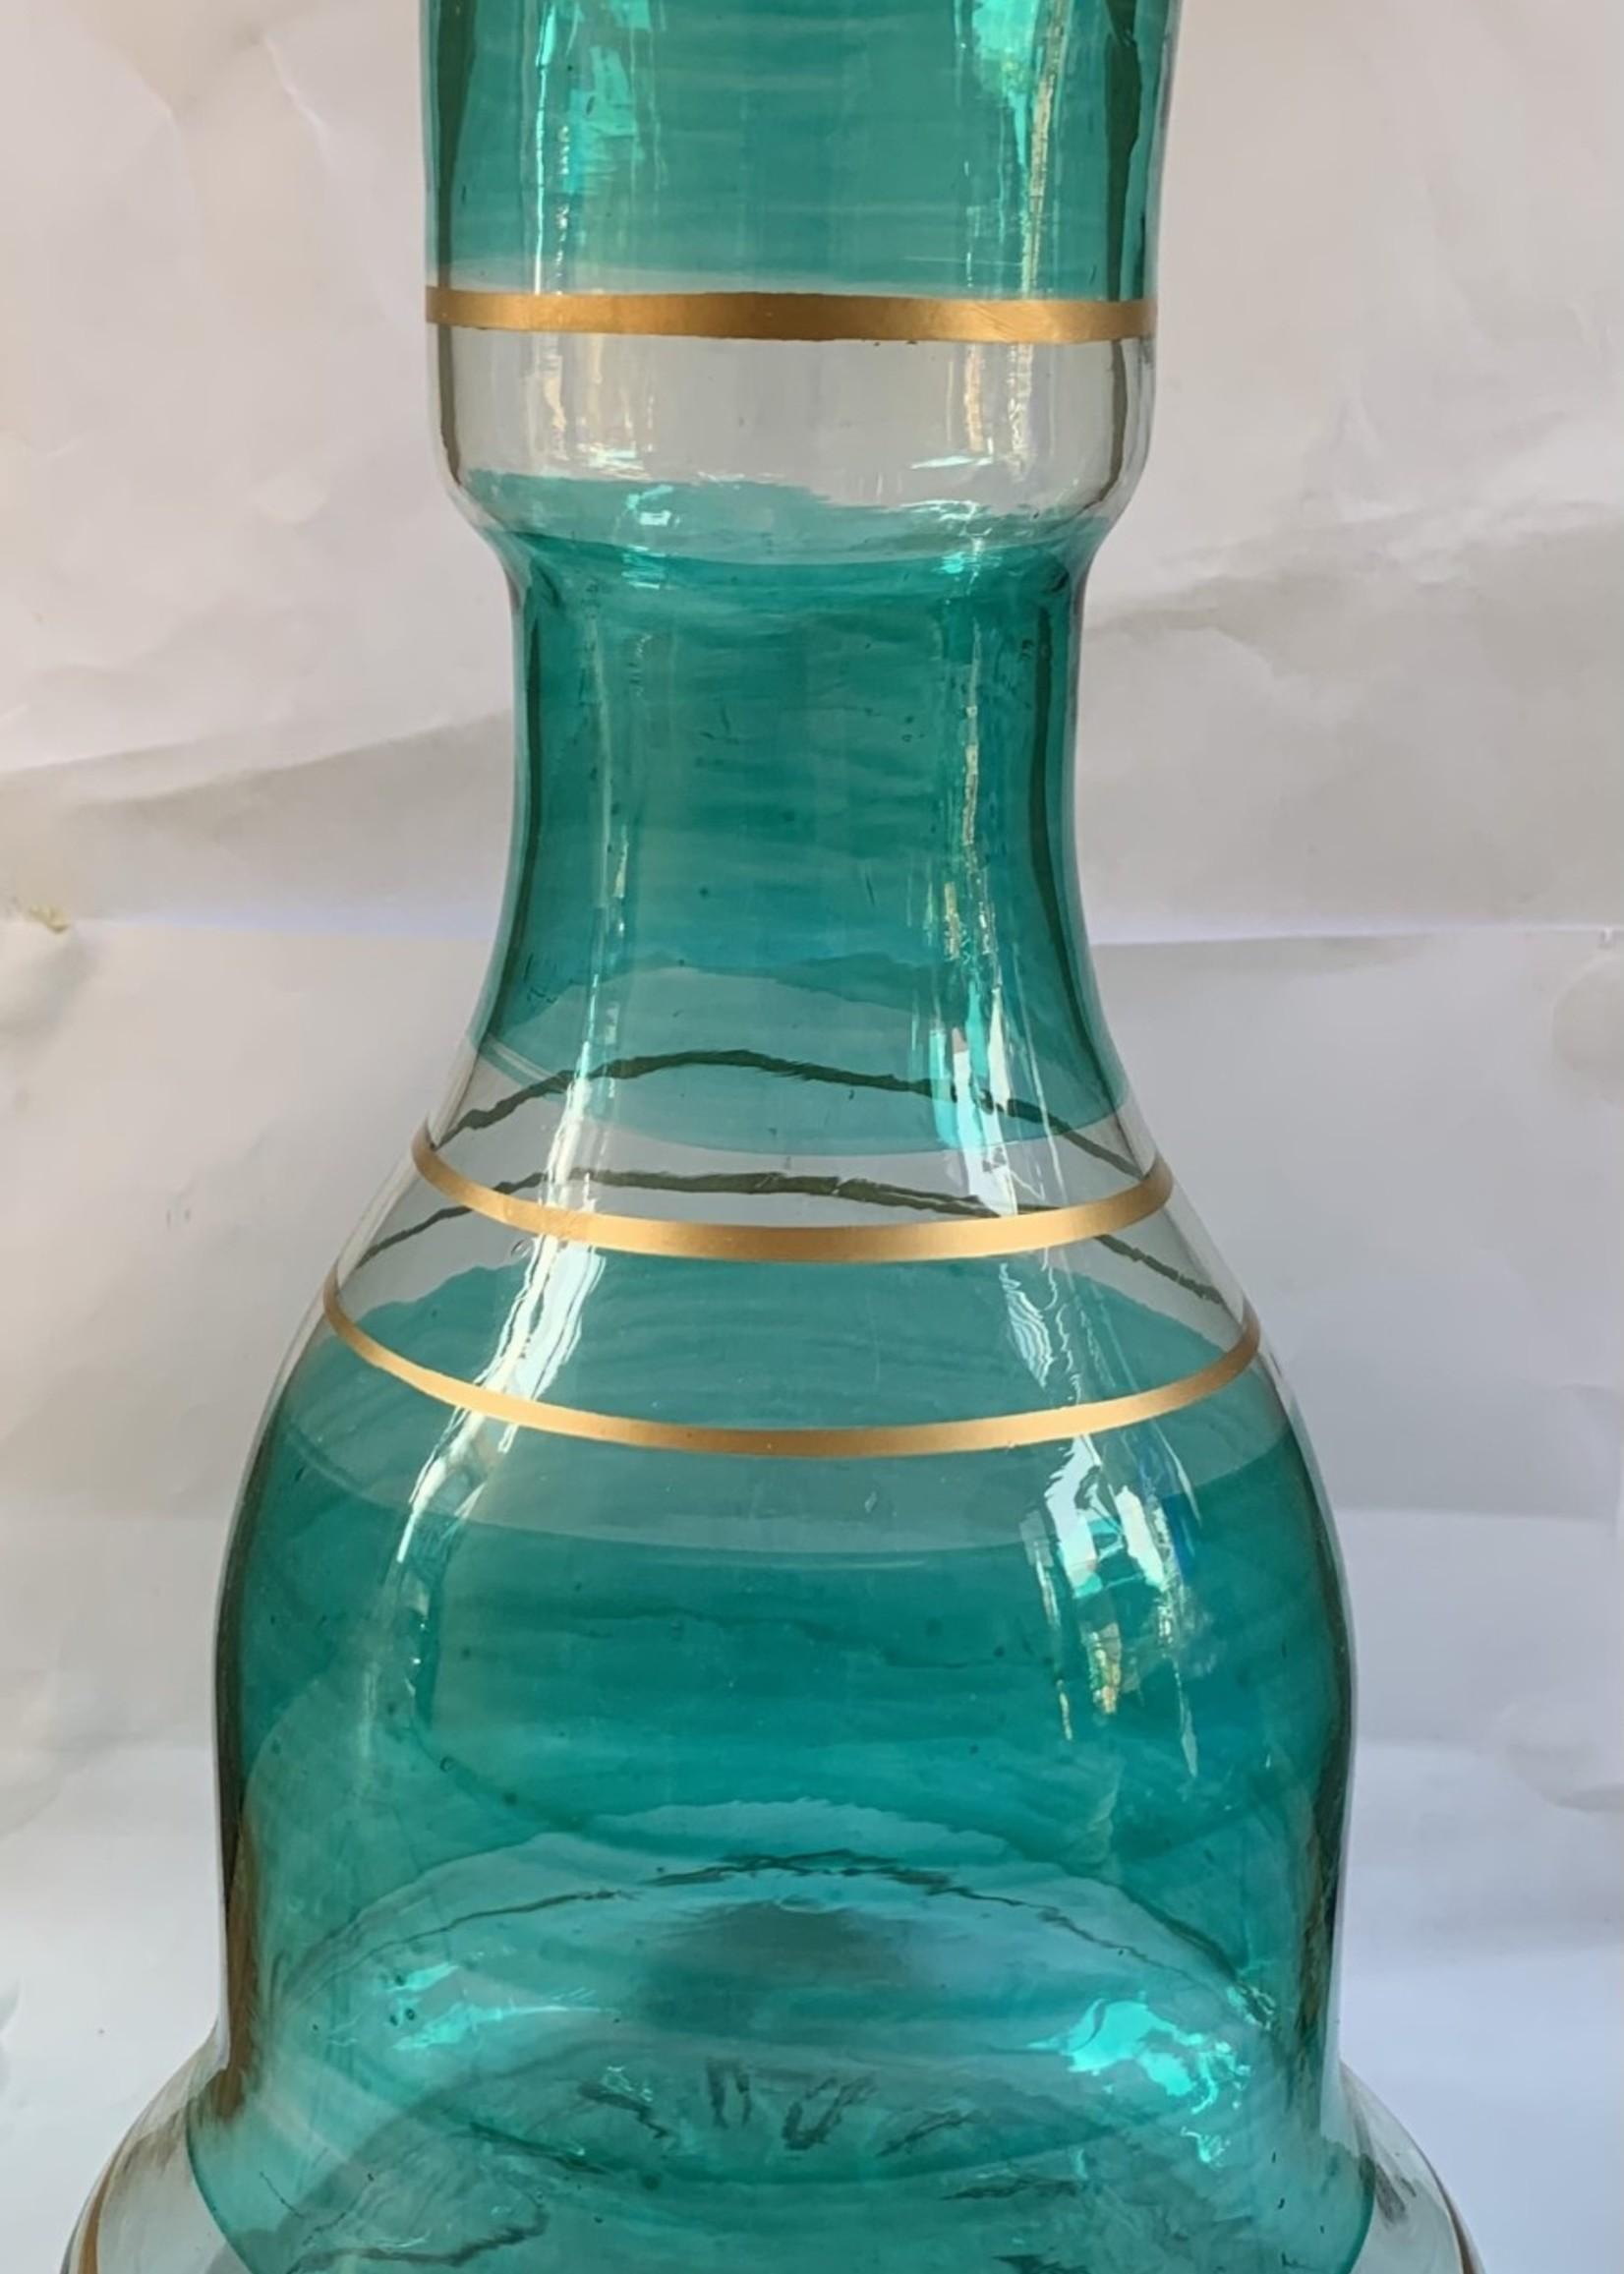 Base - Large turquoise